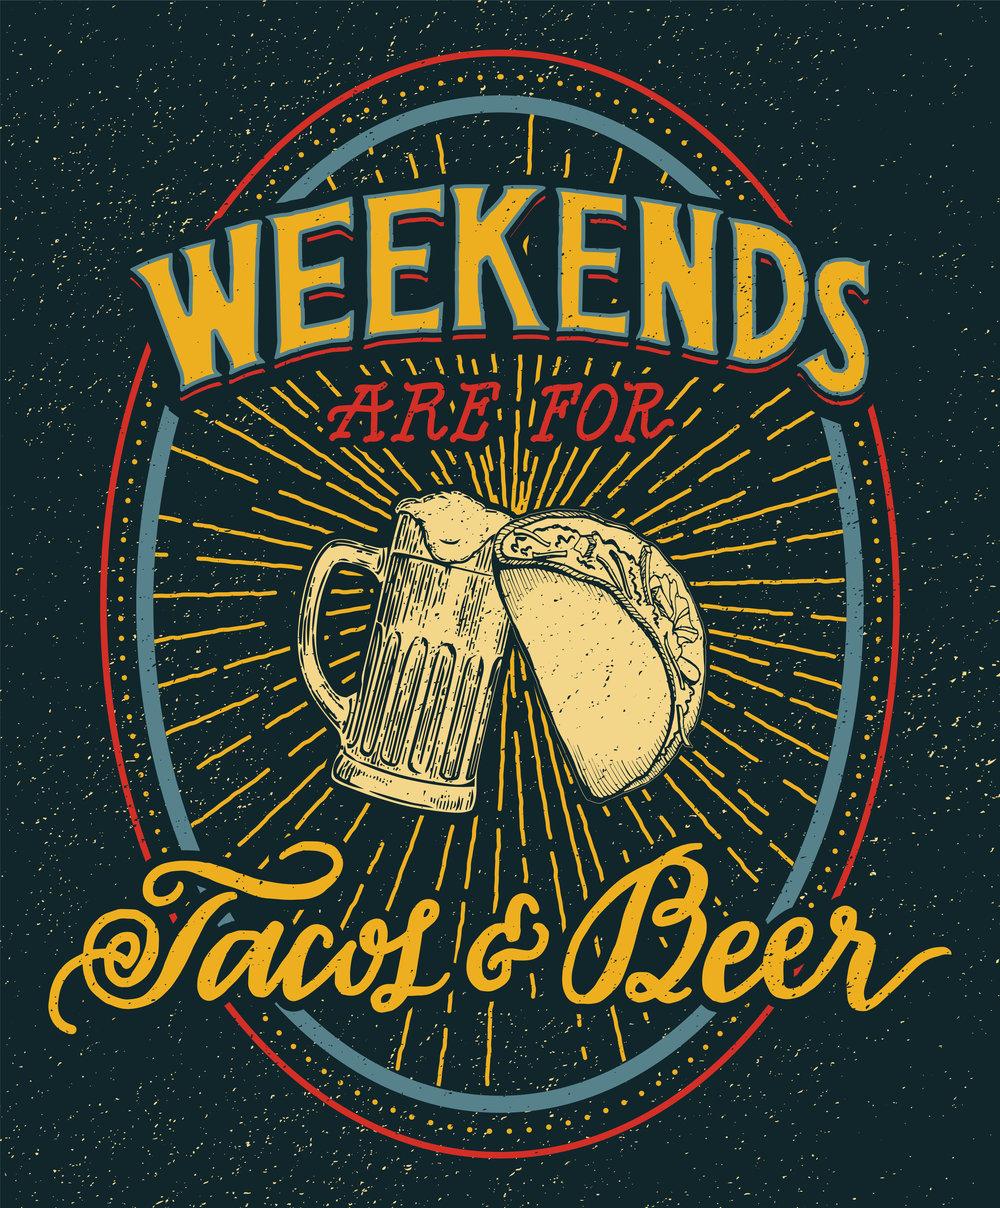 Tacos&Beer_RGB-01.jpg